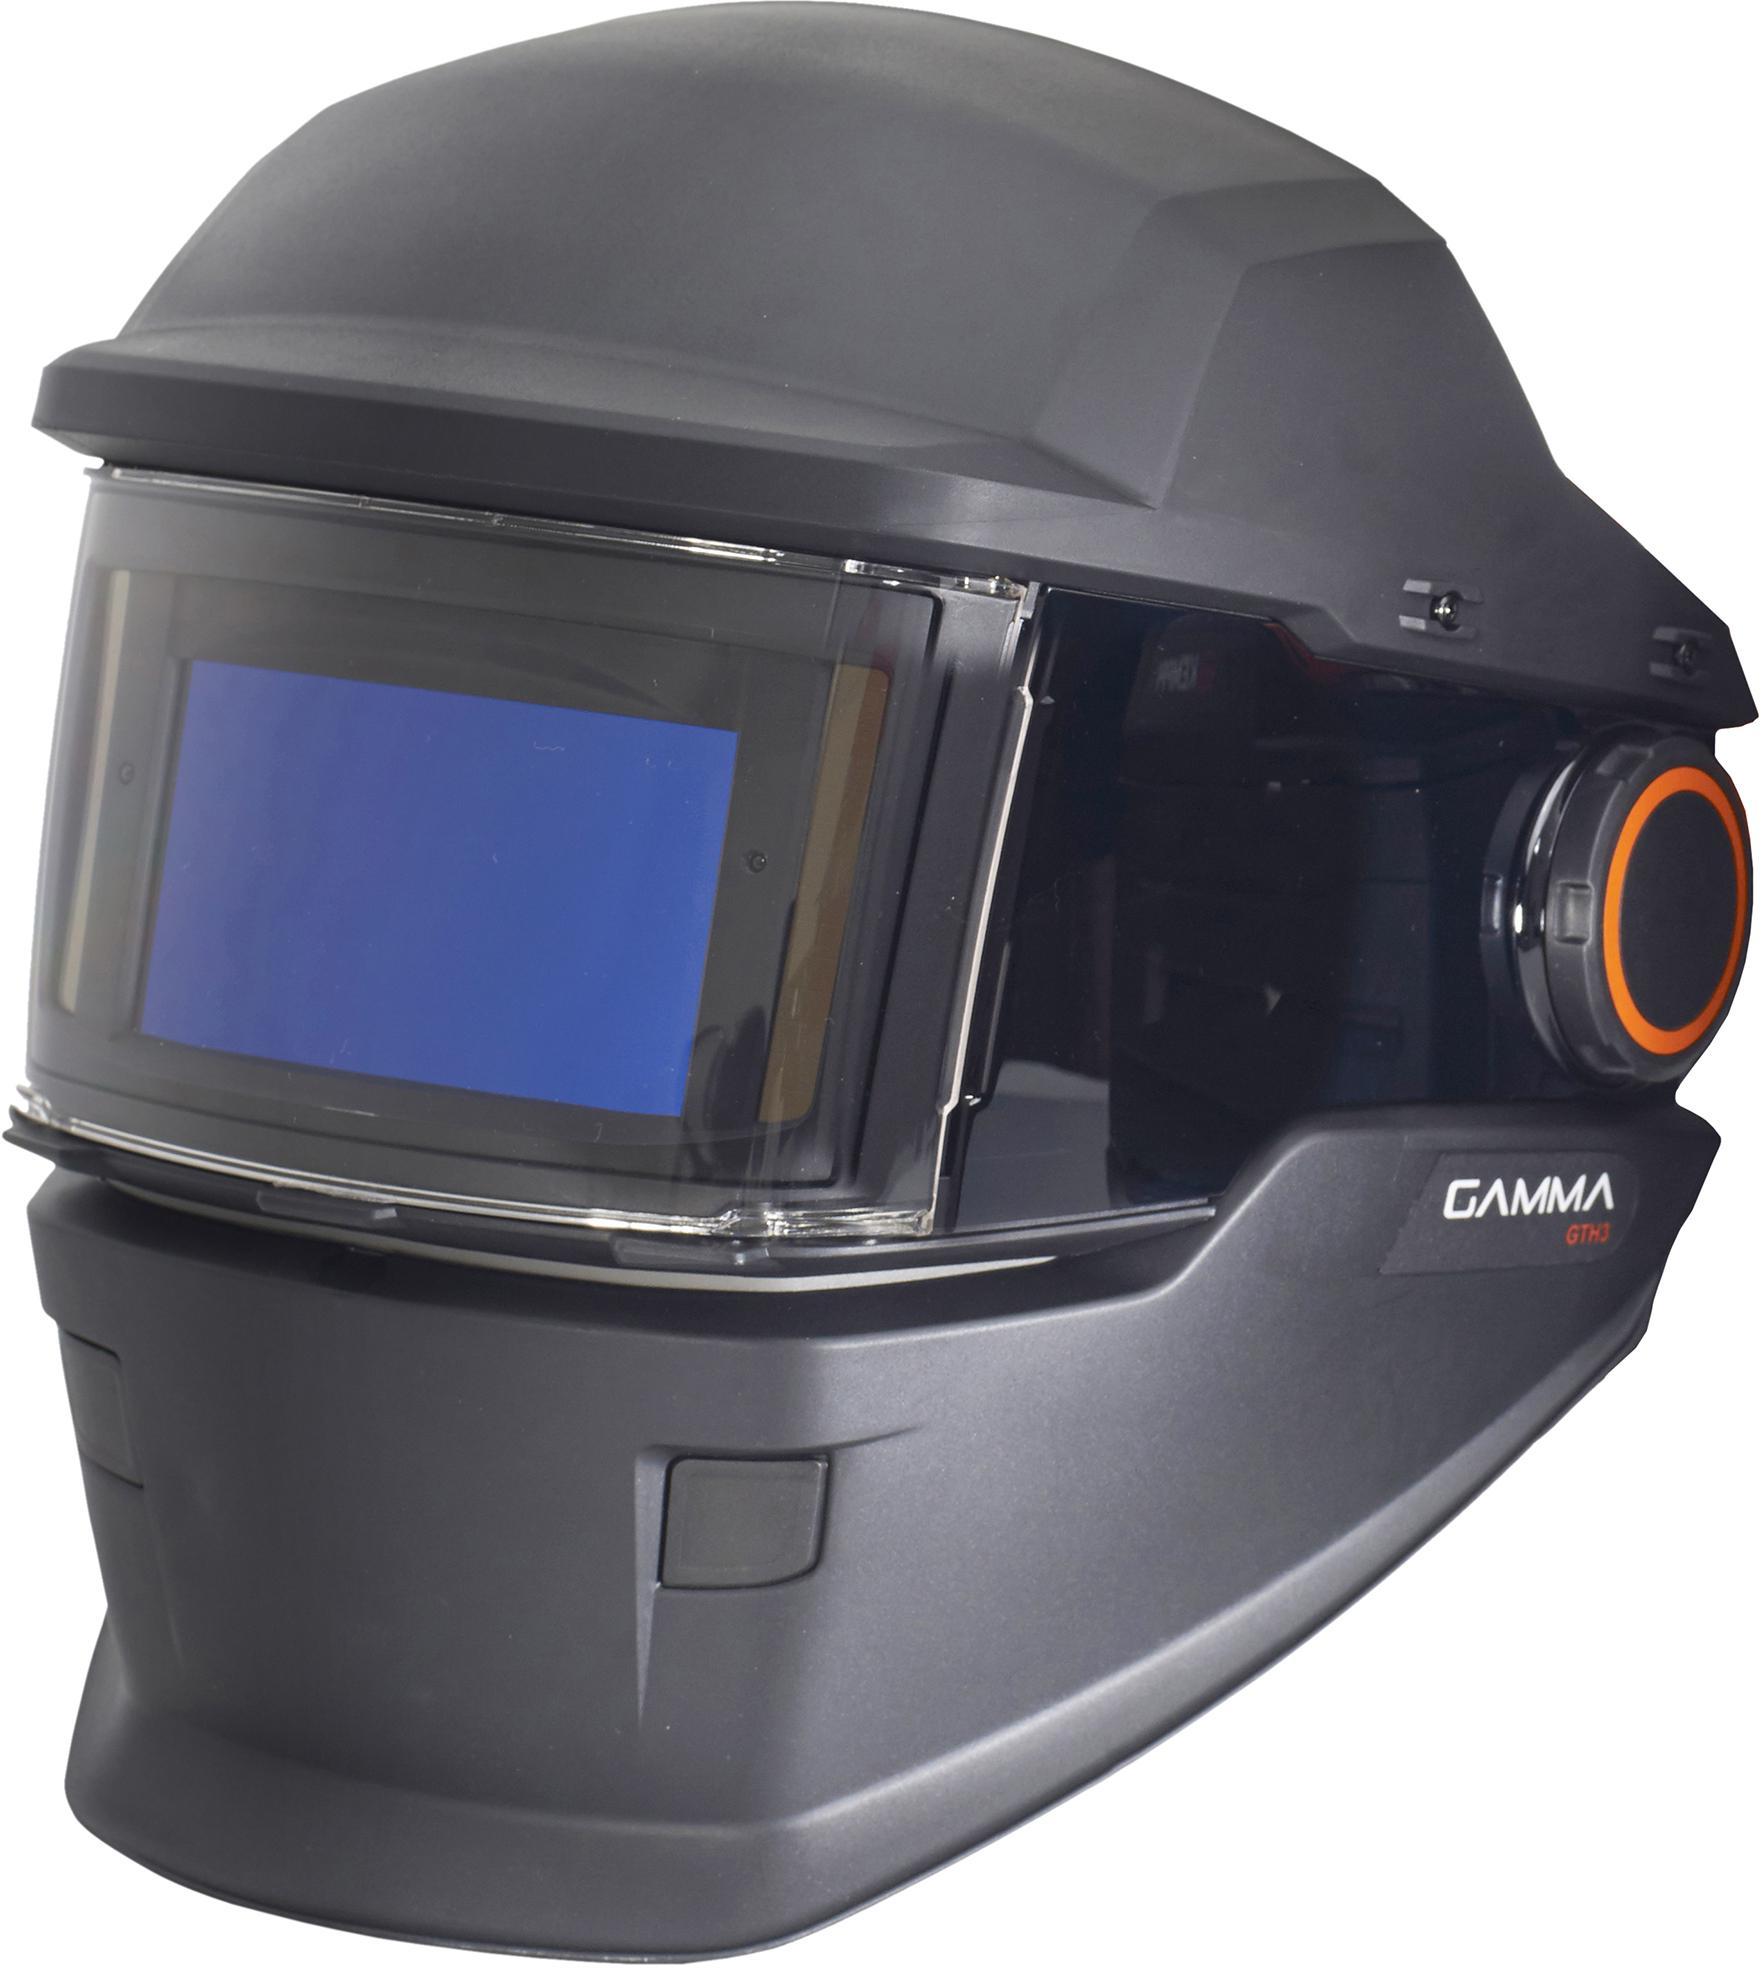 Сварочная маска Kemppi Gamma 100a